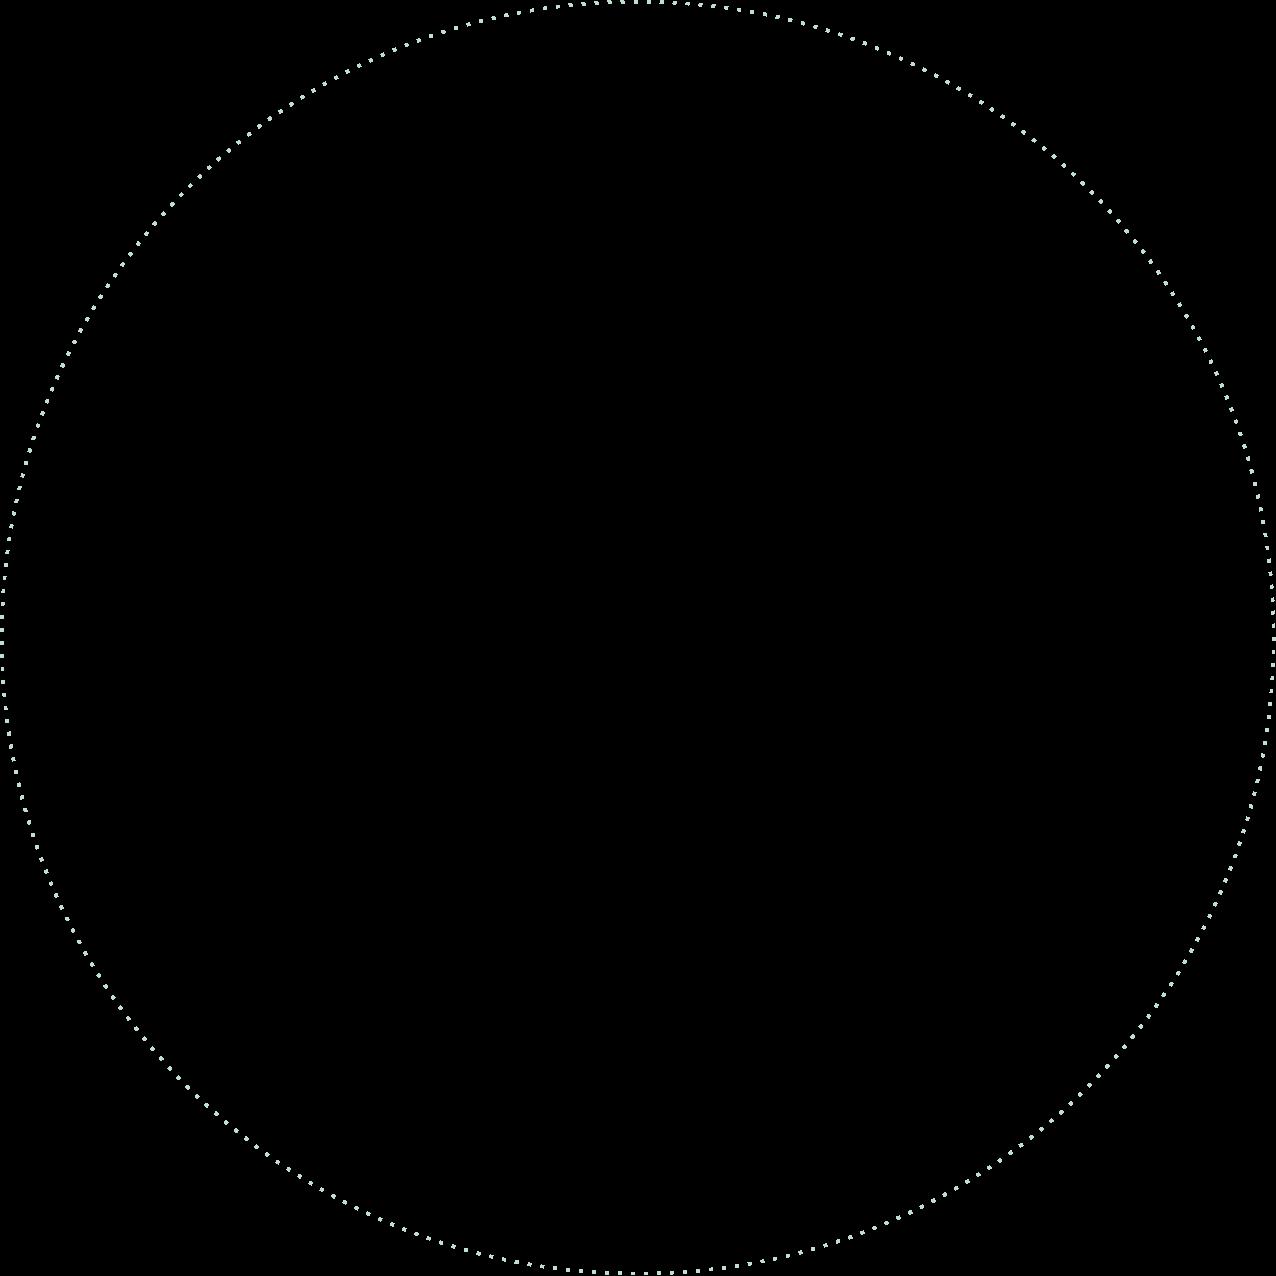 Dashed Circle